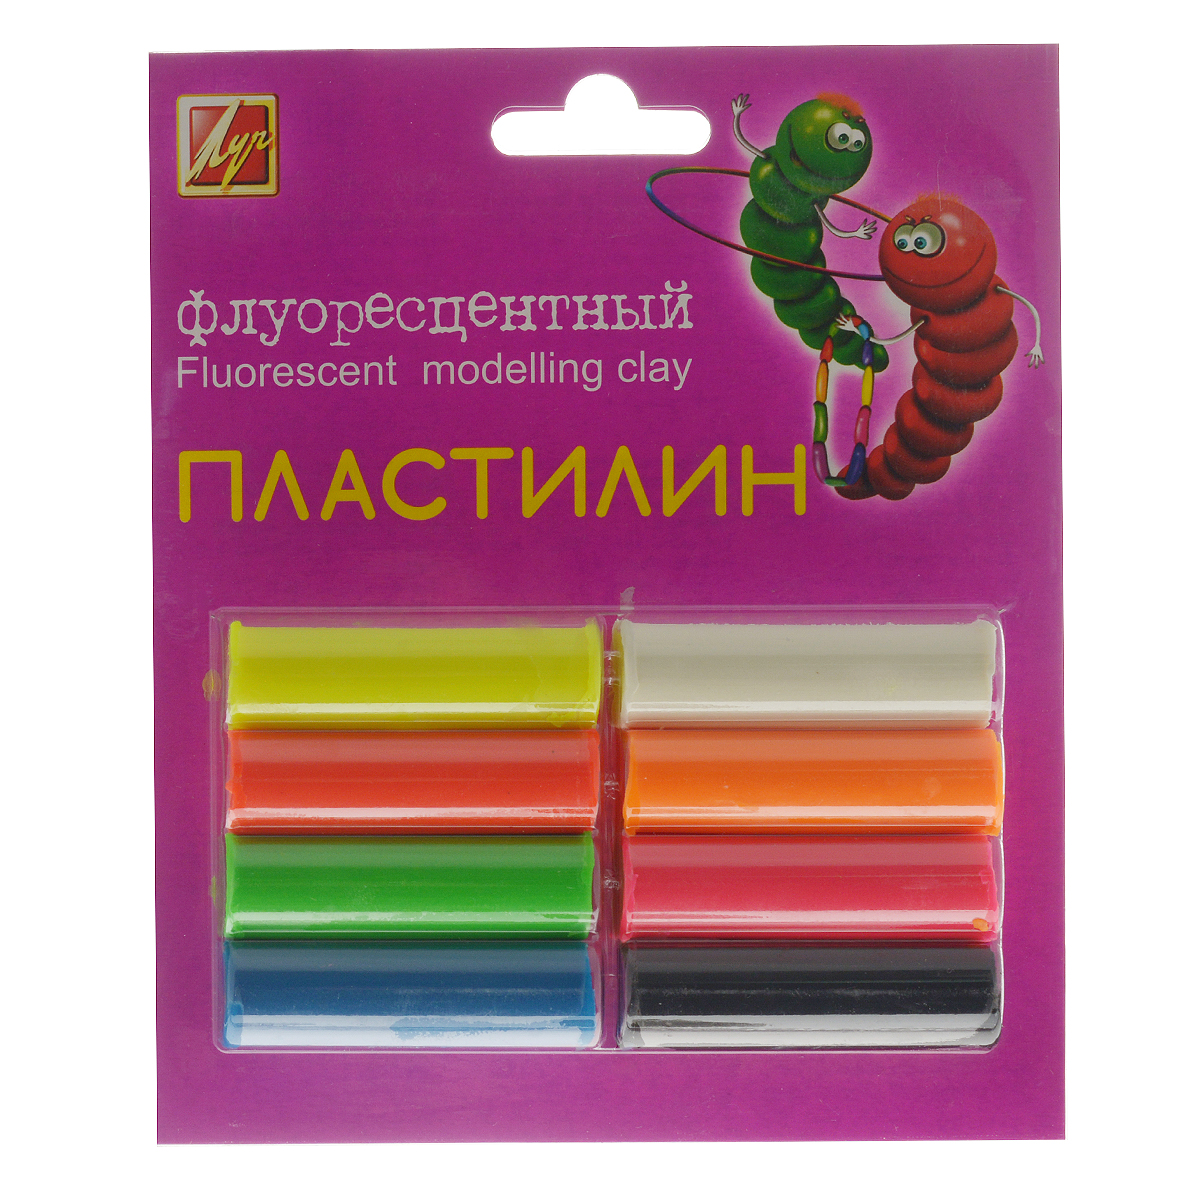 Пластилин Луч, флуоресцентный, 8 цветов всё для лепки спейс пластилин artspace 8 цветов